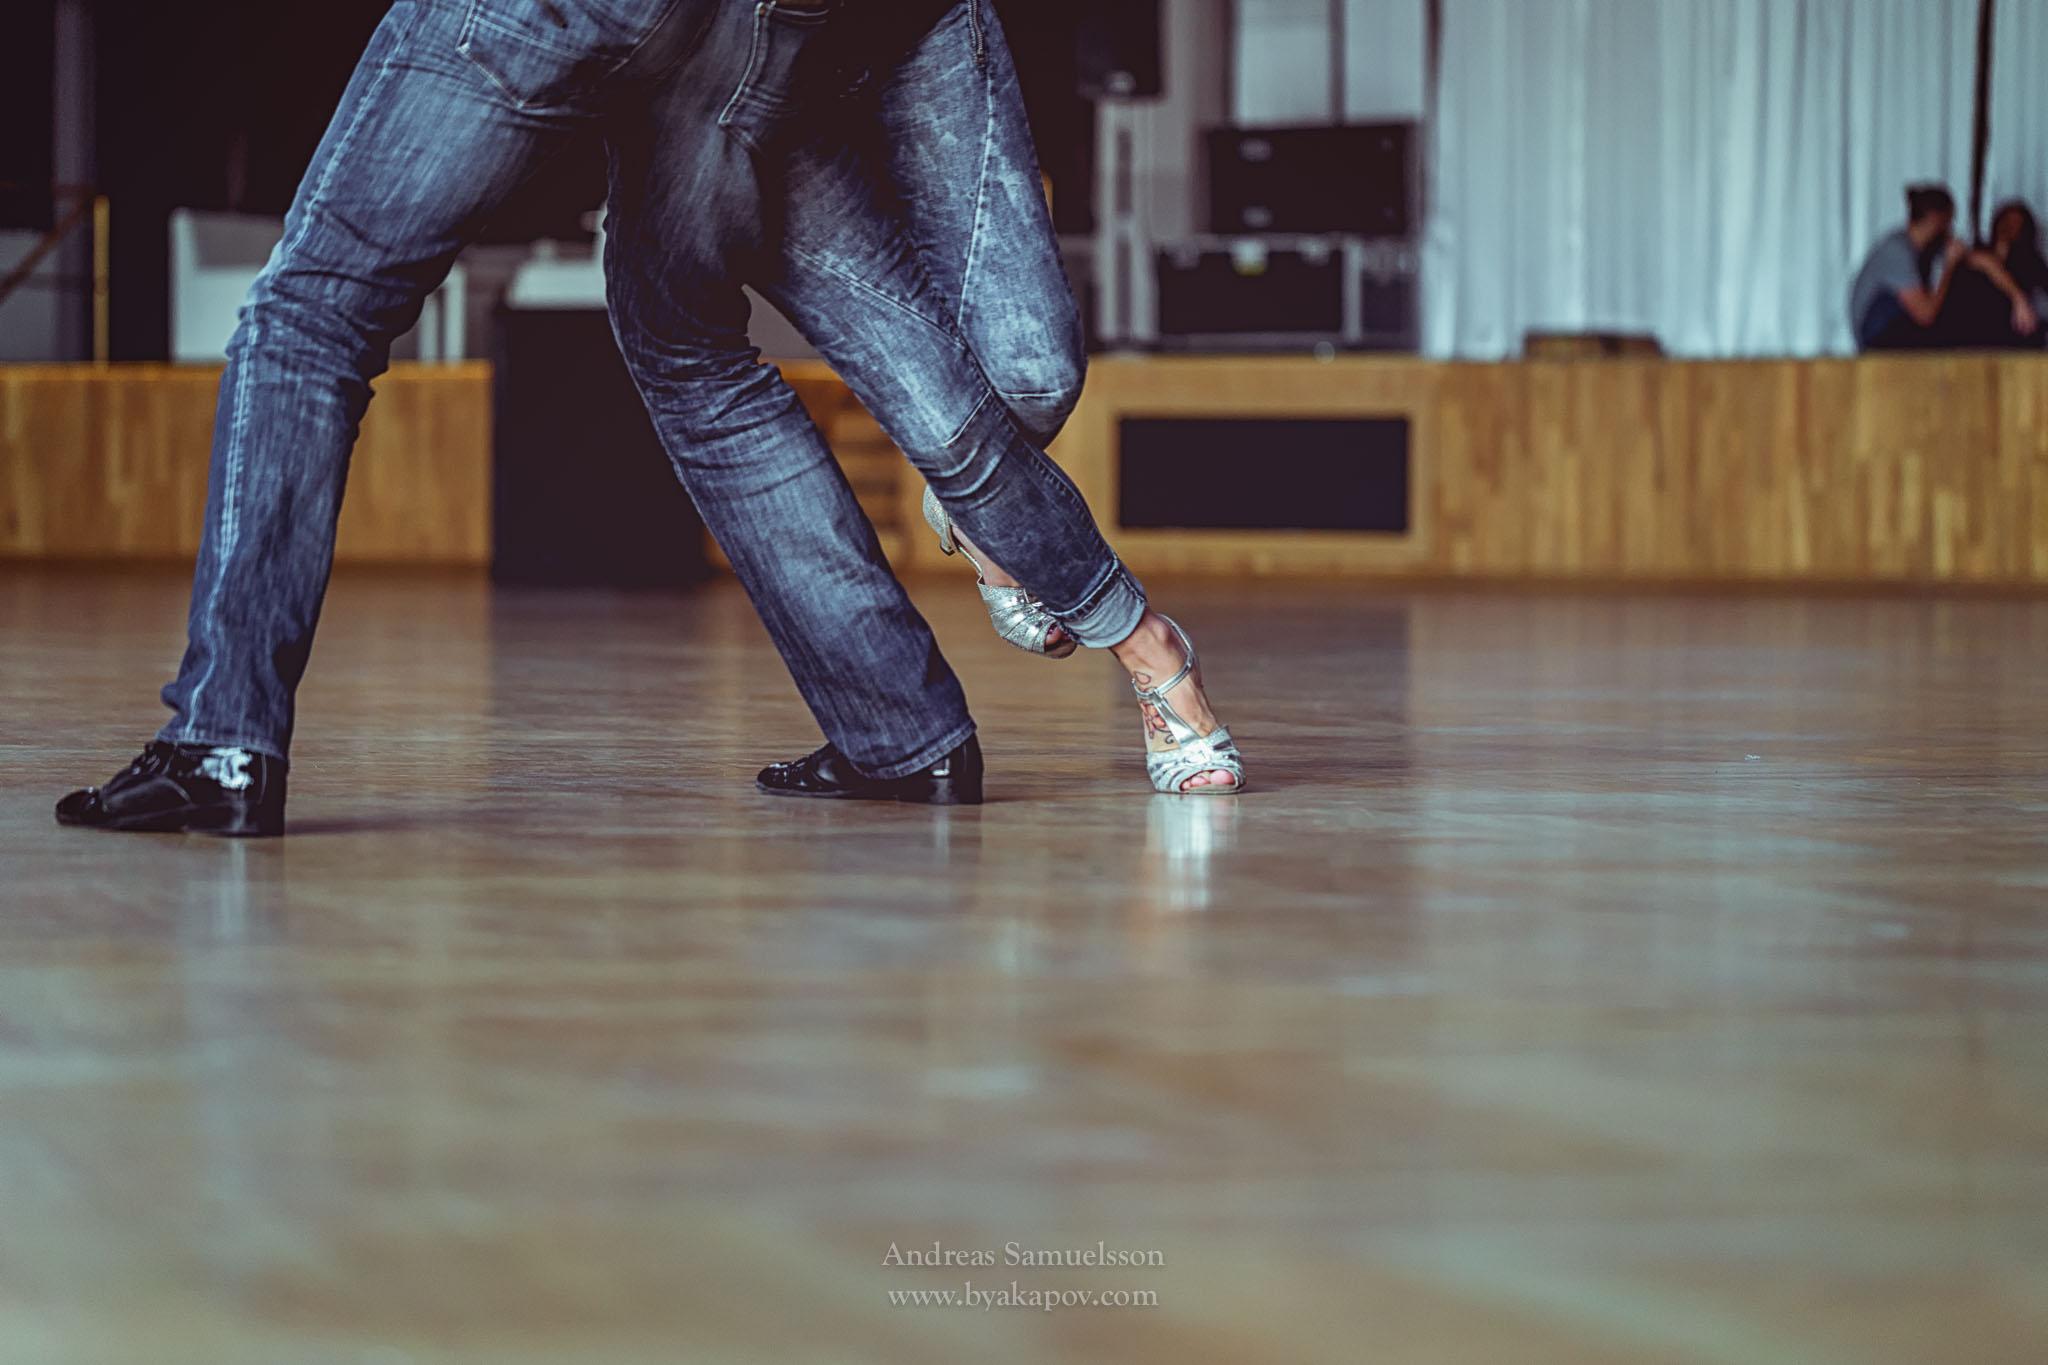 baile-bailar-dance-dancing